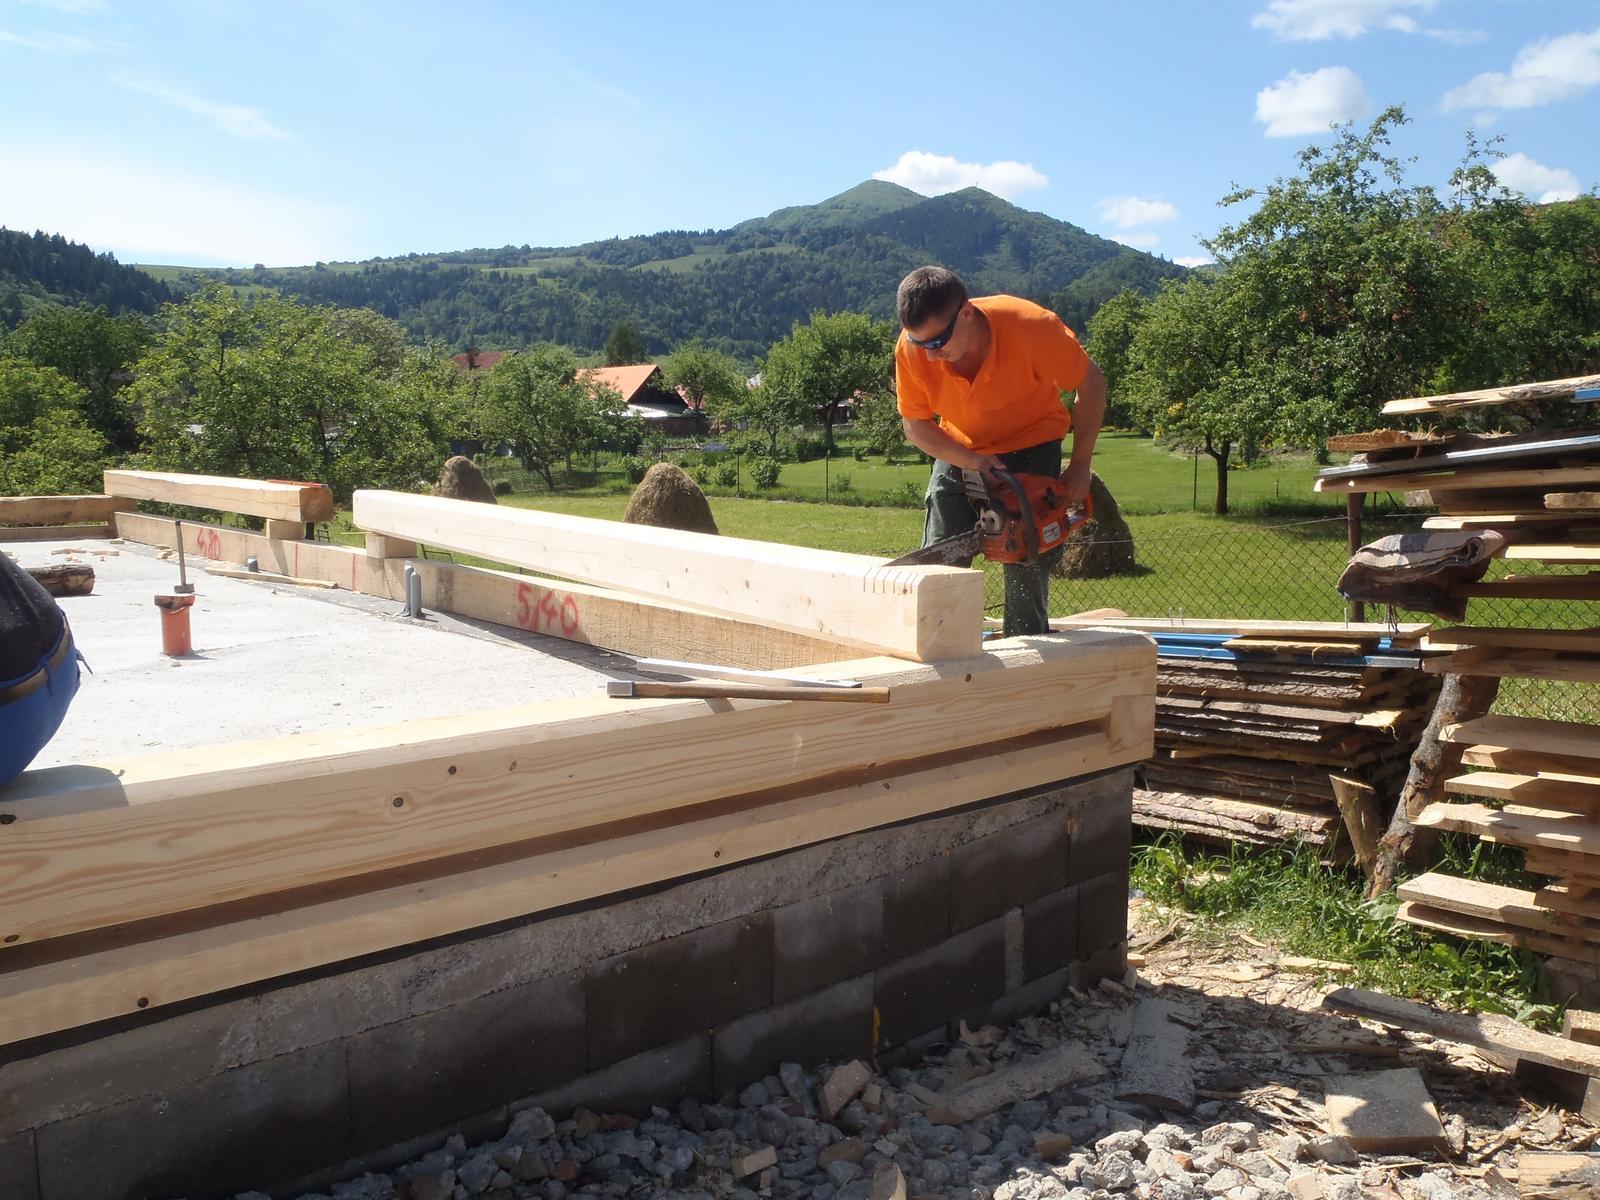 Náš veľký sen o drevenom domčeku! - Obrázok č. 36